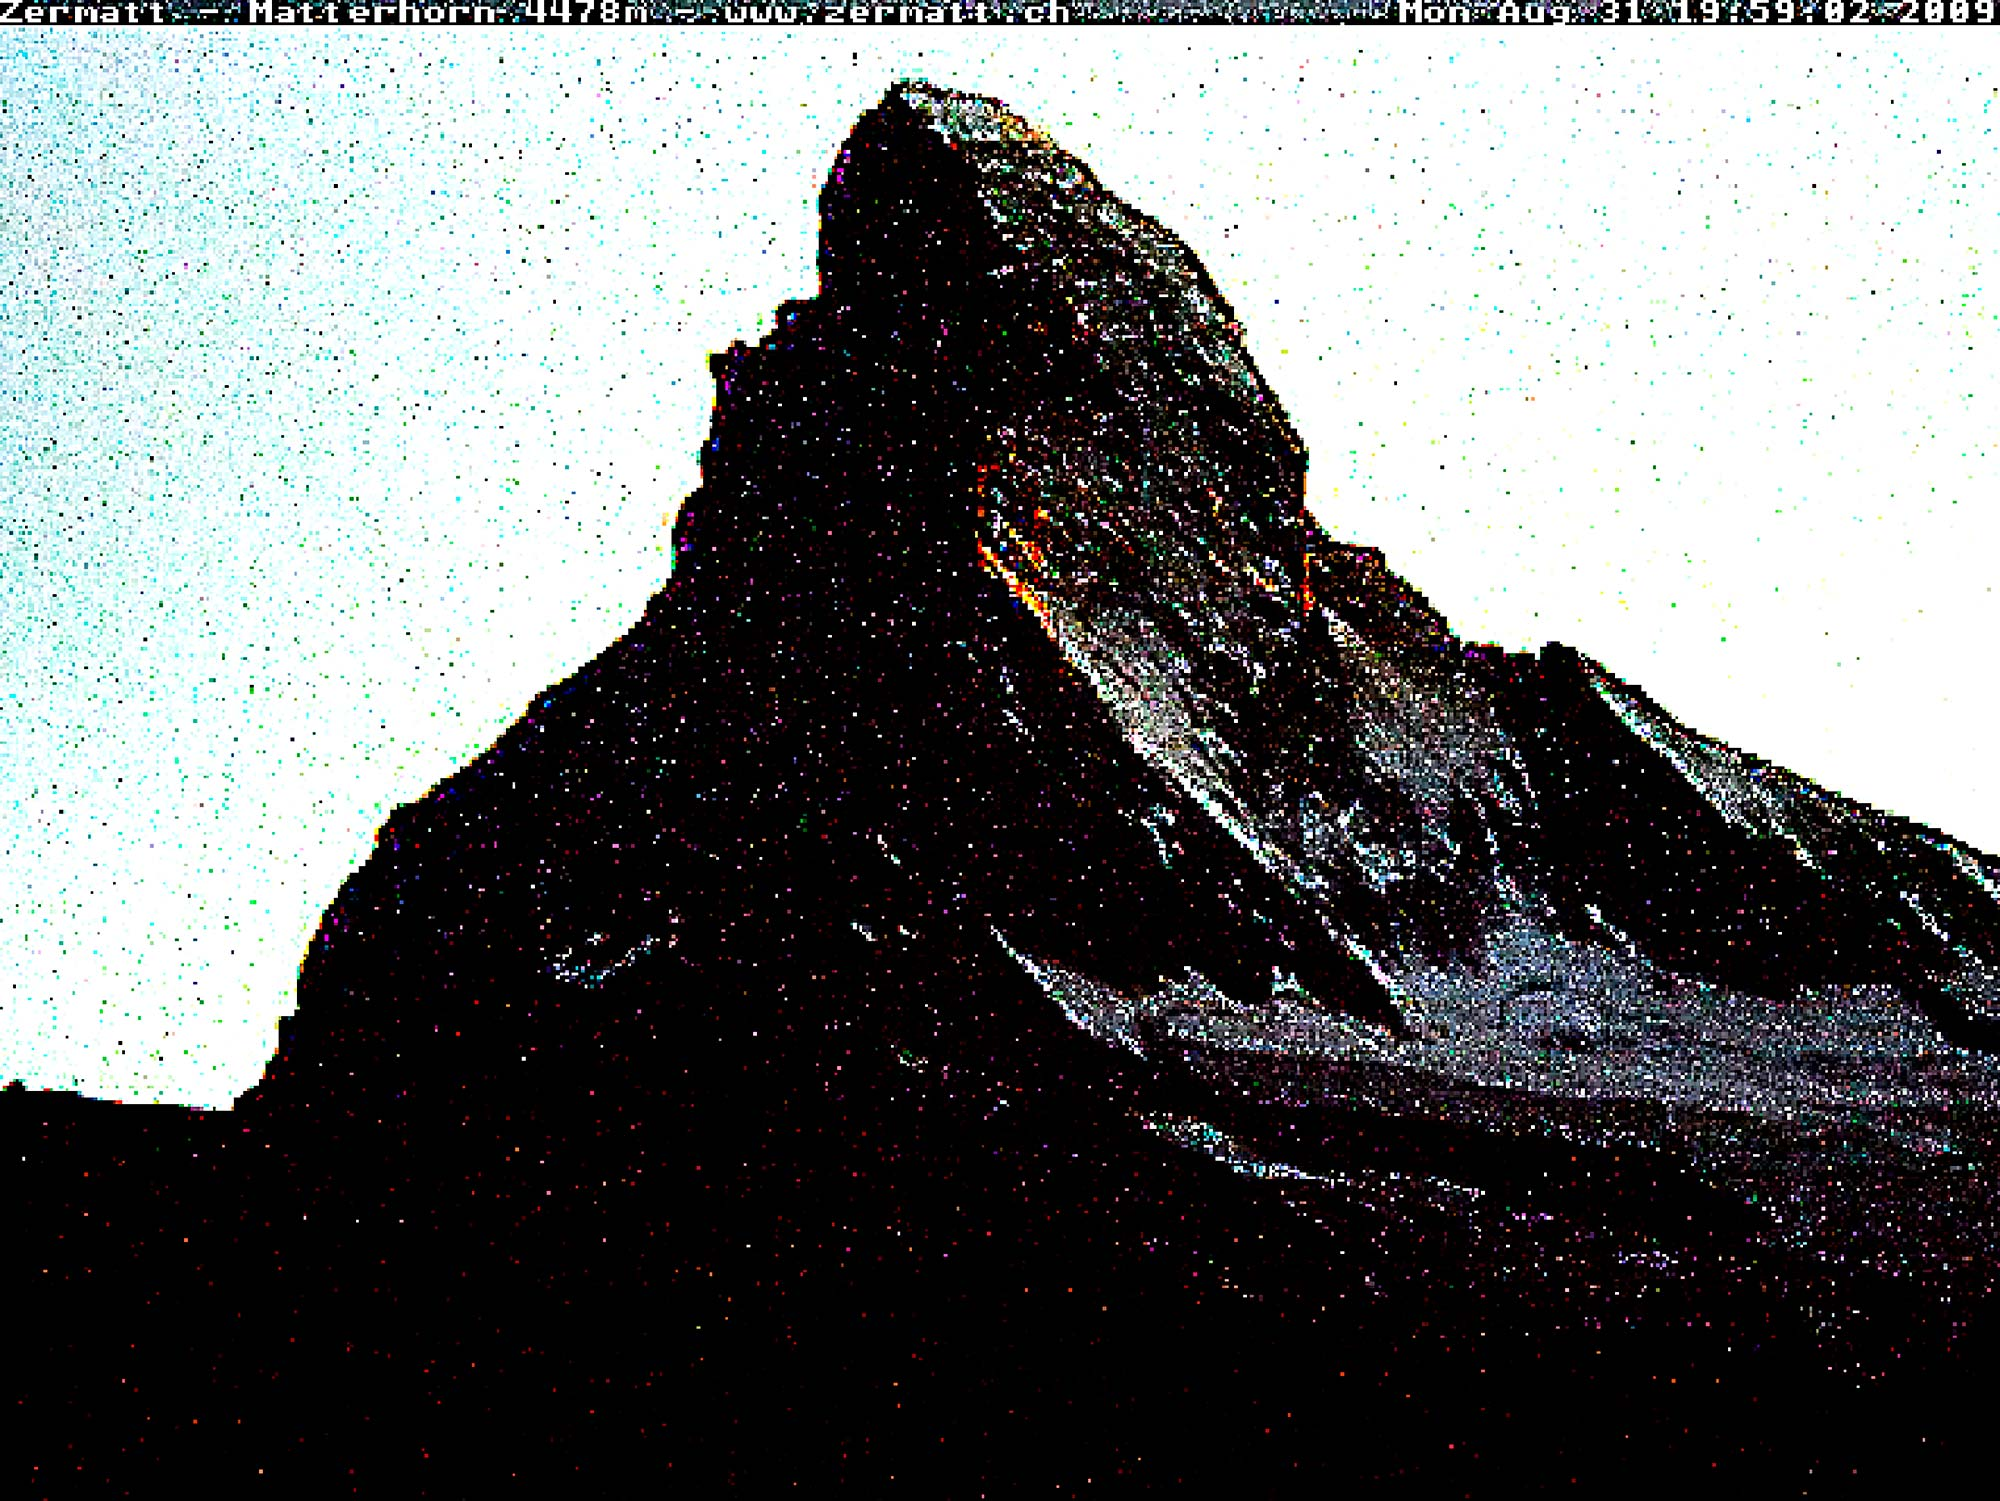 #0020 Matterhorn 2009 08 31